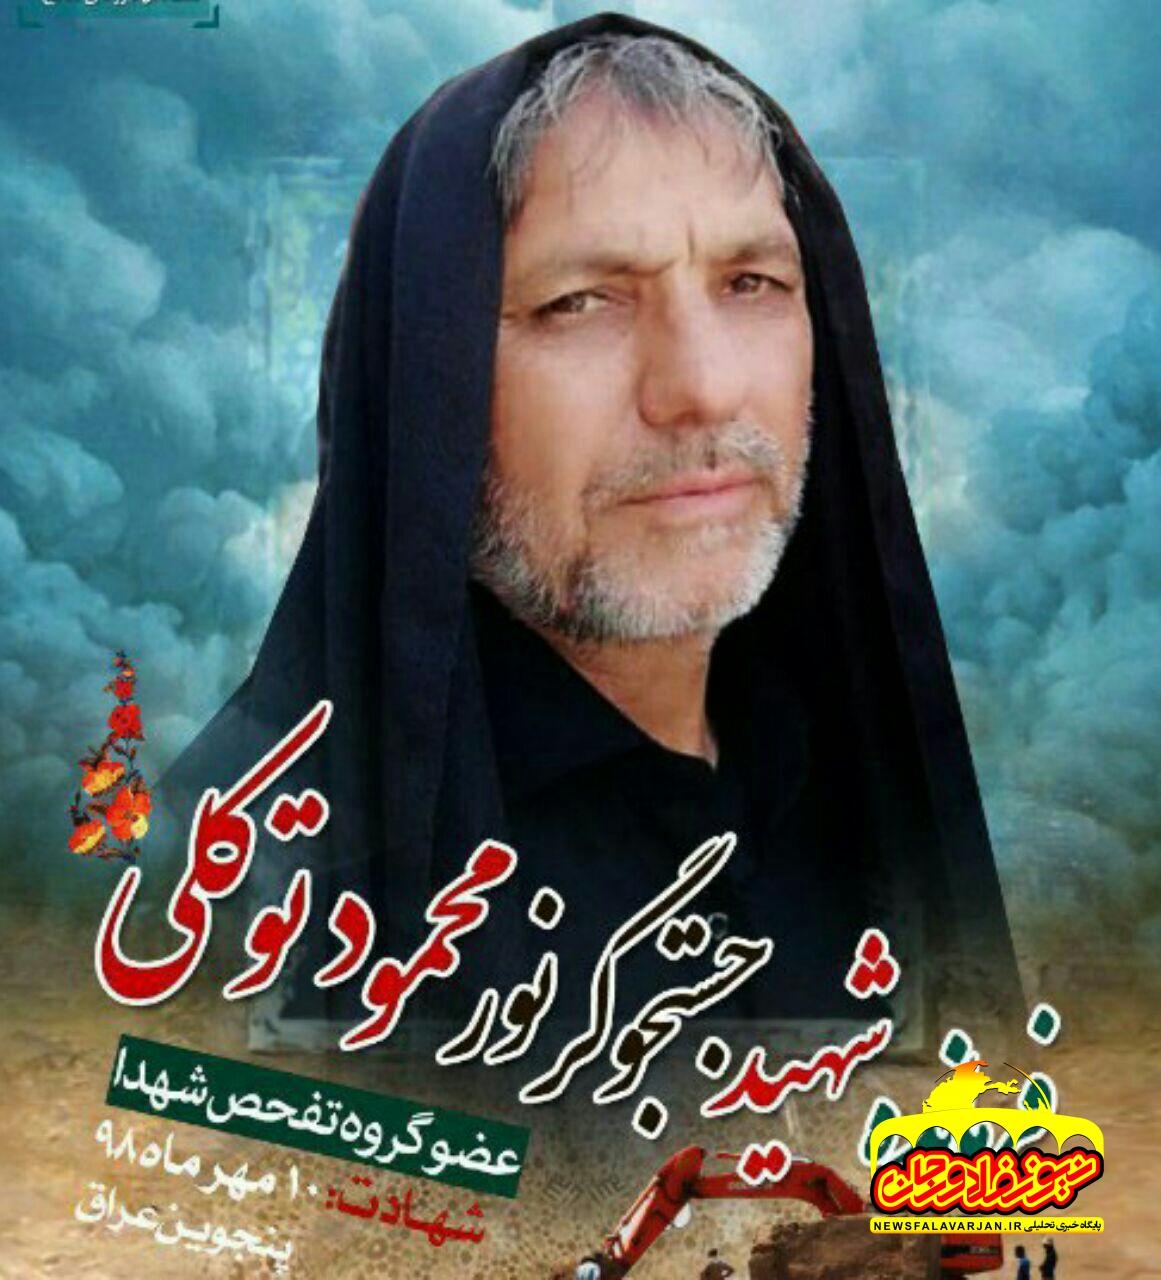 دل گویه های دوستان شهید تفحص «حاج محمود توکلی»